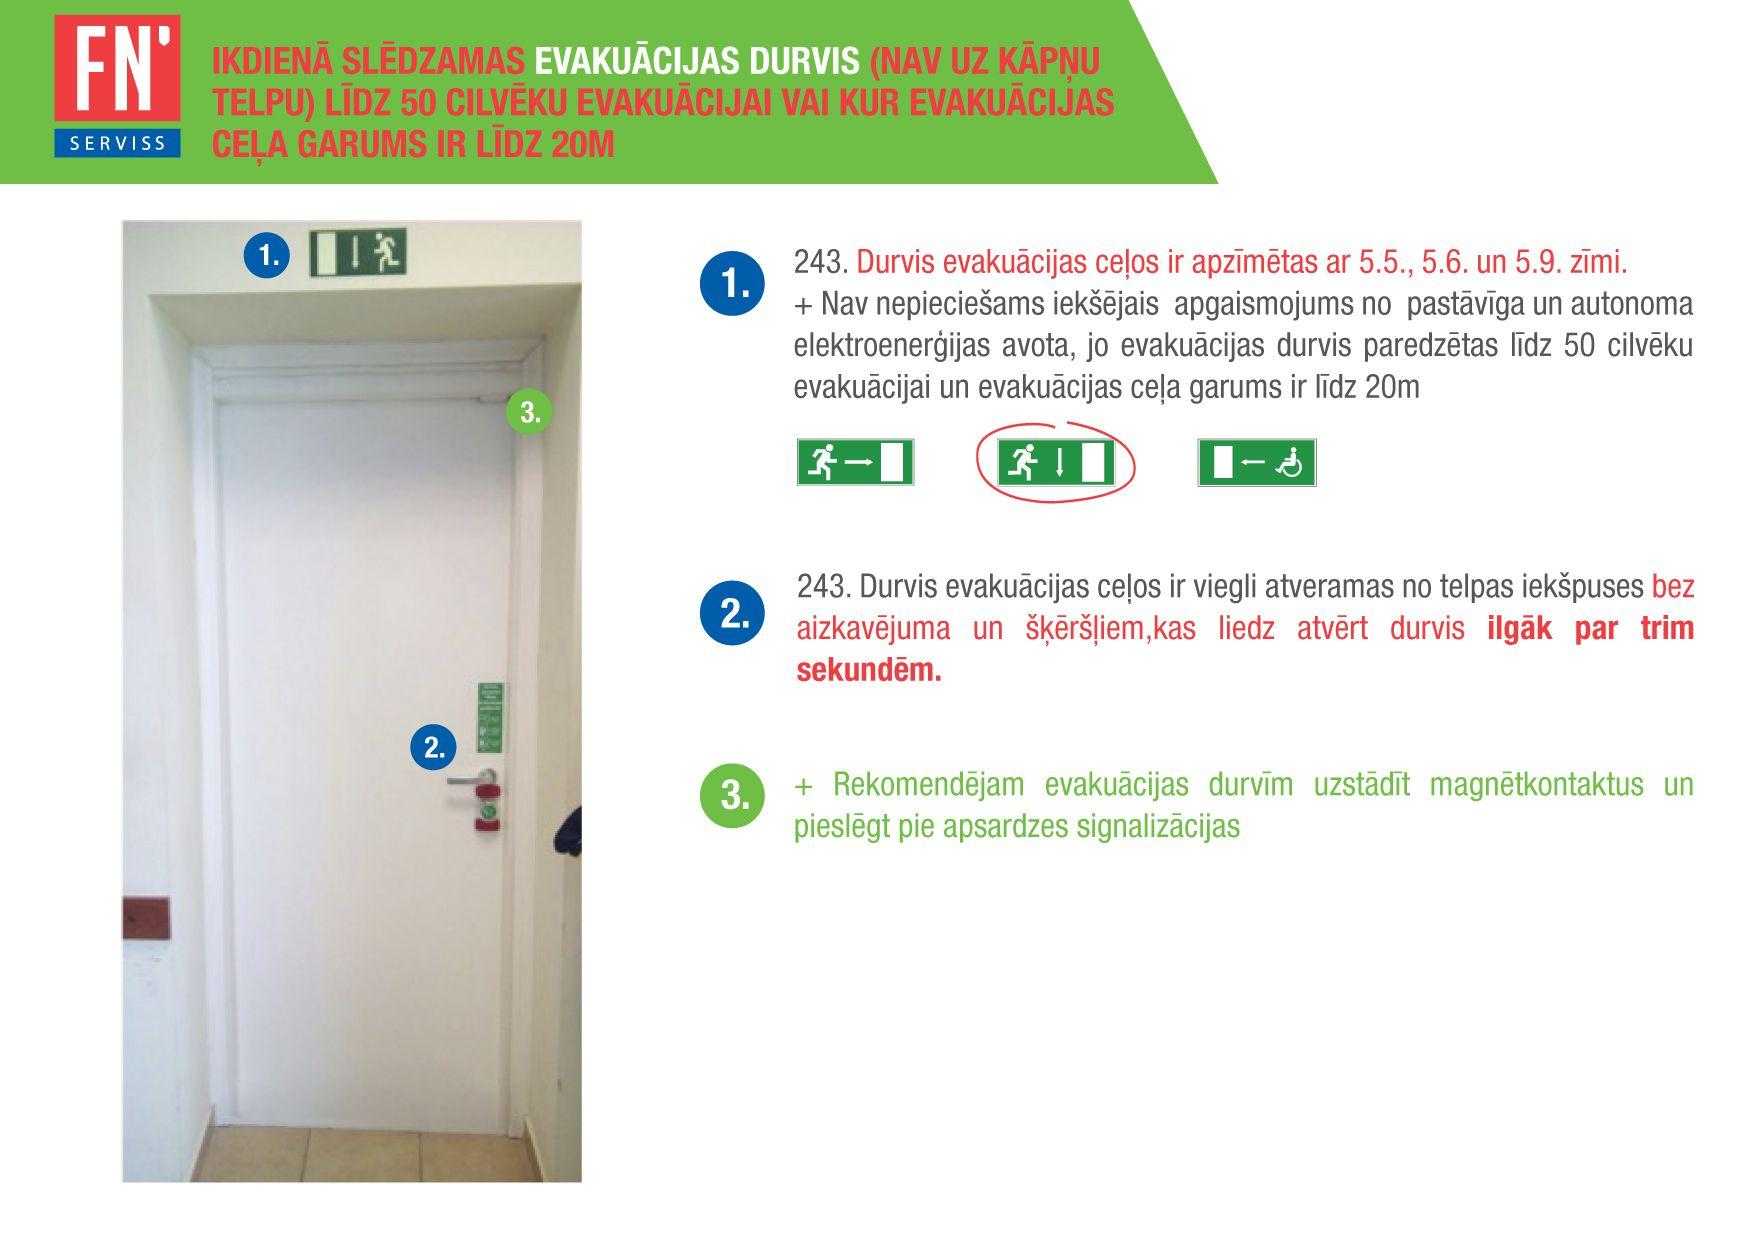 Lapa jaunās prasības evakuācijas durvis tabulas